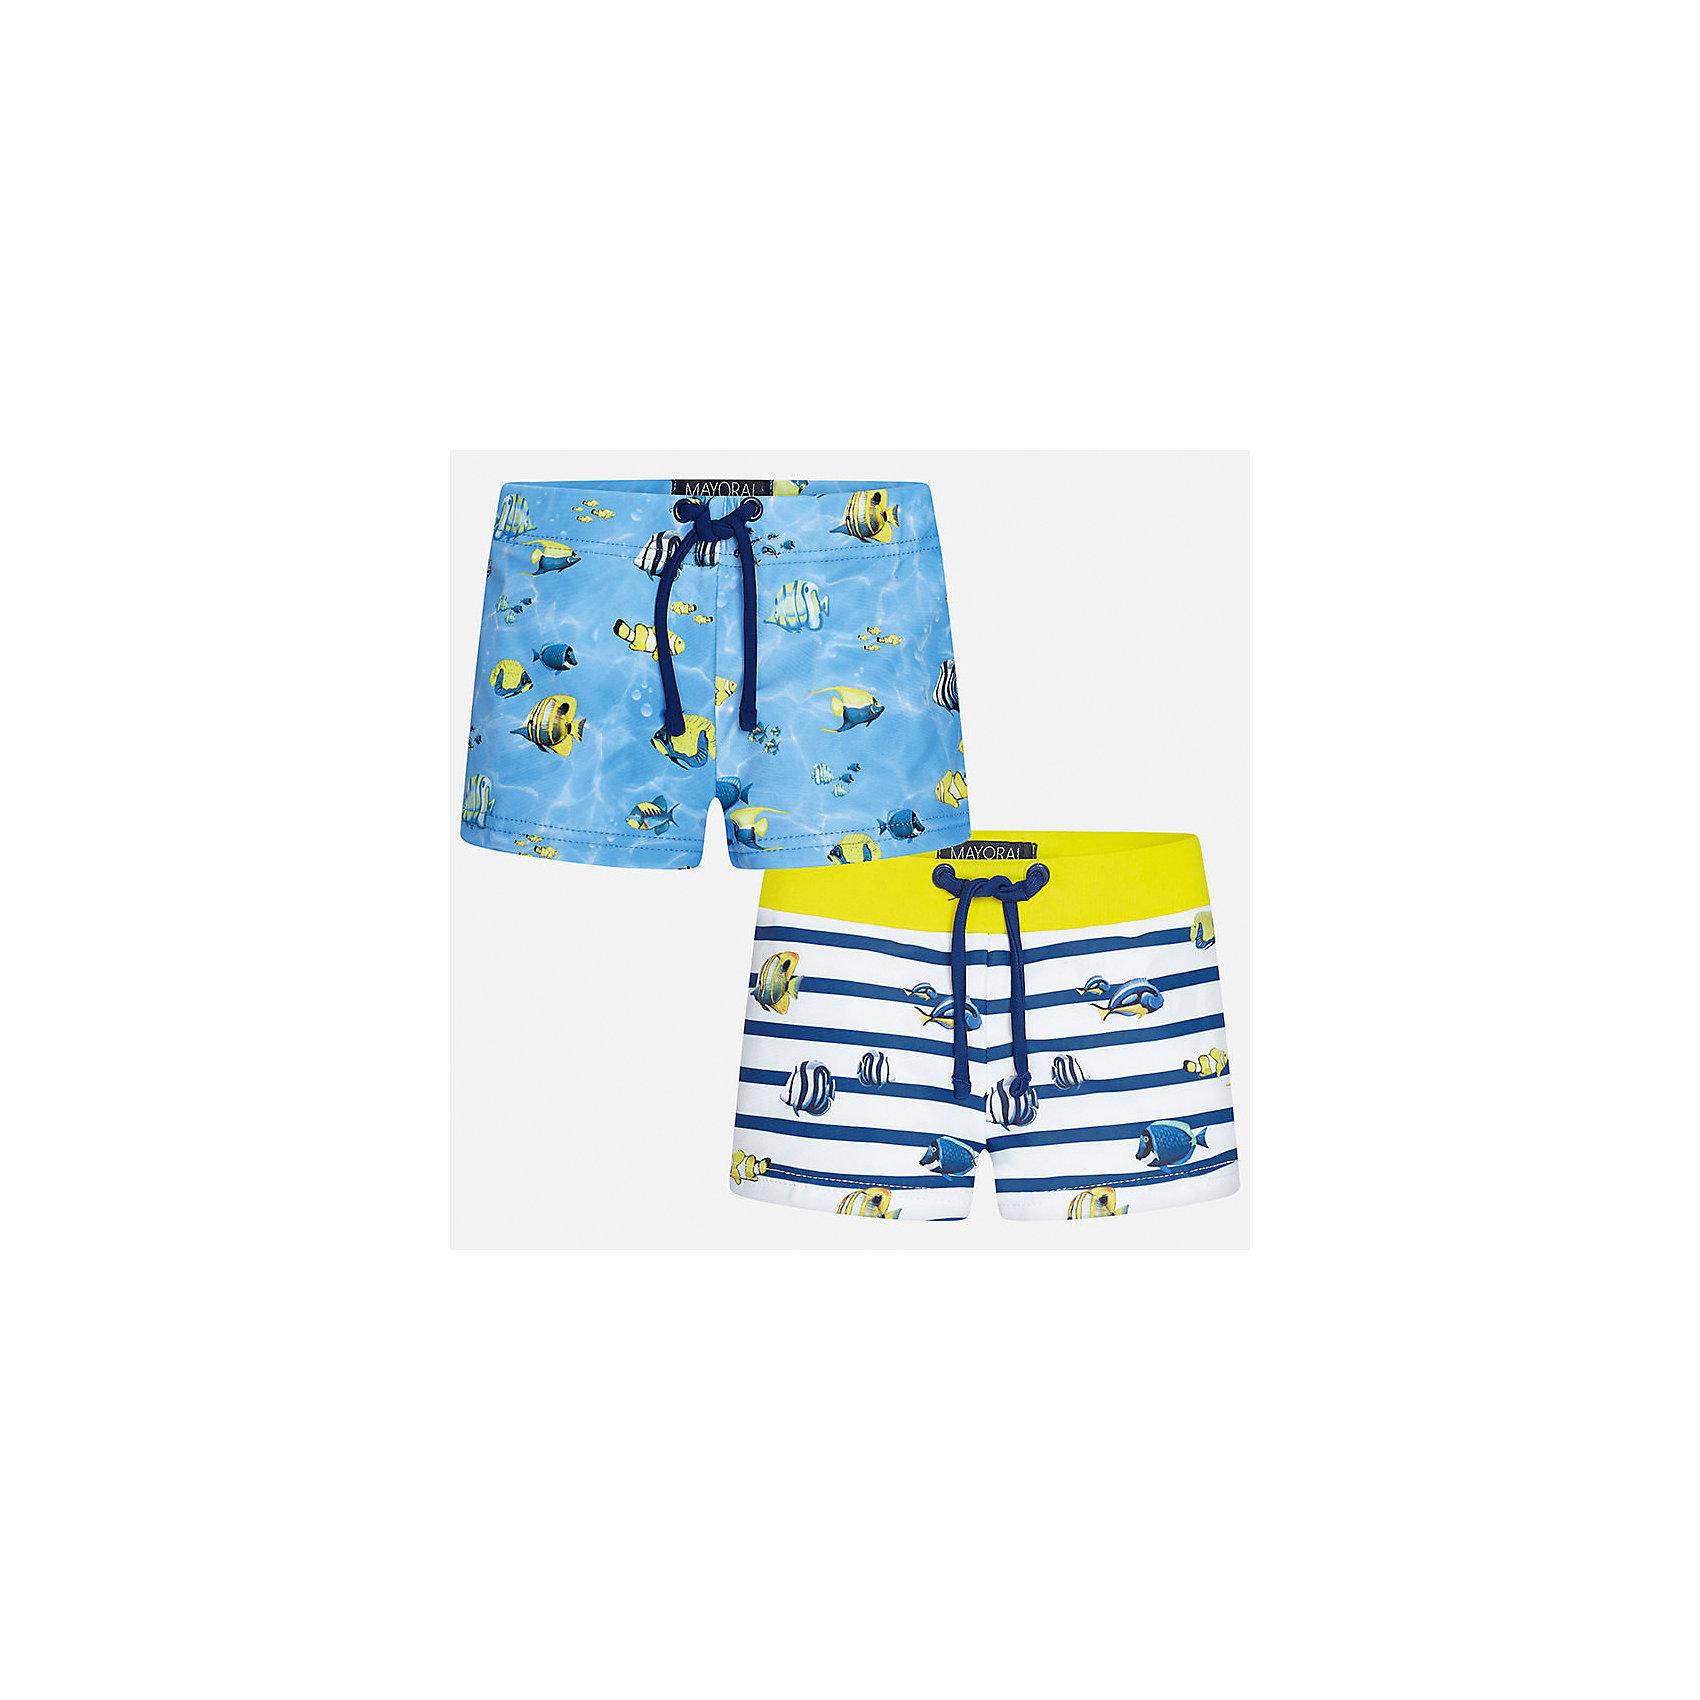 Плавки-шорты (2 шт.) для мальчика MayoralХарактеристики товара:<br><br>• цвет: голубой/белый<br>• состав: верх - 85% полиэстер, 15% эластан, подкладка - 100% полиэстер<br>• украшены принтом<br>• комплектация: 2 шт<br>• с подкладкой<br>• быстросохнущий материал<br>• страна бренда: Испания<br><br>Одежда для купания должна быть удобной! Этот комплект плавок для мальчика не только хорошо сидит на ребенке, не стесняя движения и не натирая, он отлично смотрится! Плавки сшиты из плотной ткани, но она очень быстро высыхает. Интересная расцветка модели делает её нарядной и оригинальной. <br><br>Одежда, обувь и аксессуары от испанского бренда Mayoral полюбились детям и взрослым по всему миру. Модели этой марки - стильные и удобные. Для их производства используются только безопасные, качественные материалы и фурнитура. Порадуйте ребенка модными и красивыми вещами от Mayoral! <br><br>Плавки для мальчика от испанского бренда Mayoral (Майорал) можно купить в нашем интернет-магазине.<br><br>Ширина мм: 191<br>Глубина мм: 10<br>Высота мм: 175<br>Вес г: 273<br>Цвет: желтый<br>Возраст от месяцев: 18<br>Возраст до месяцев: 24<br>Пол: Мужской<br>Возраст: Детский<br>Размер: 92,80,86<br>SKU: 5279713